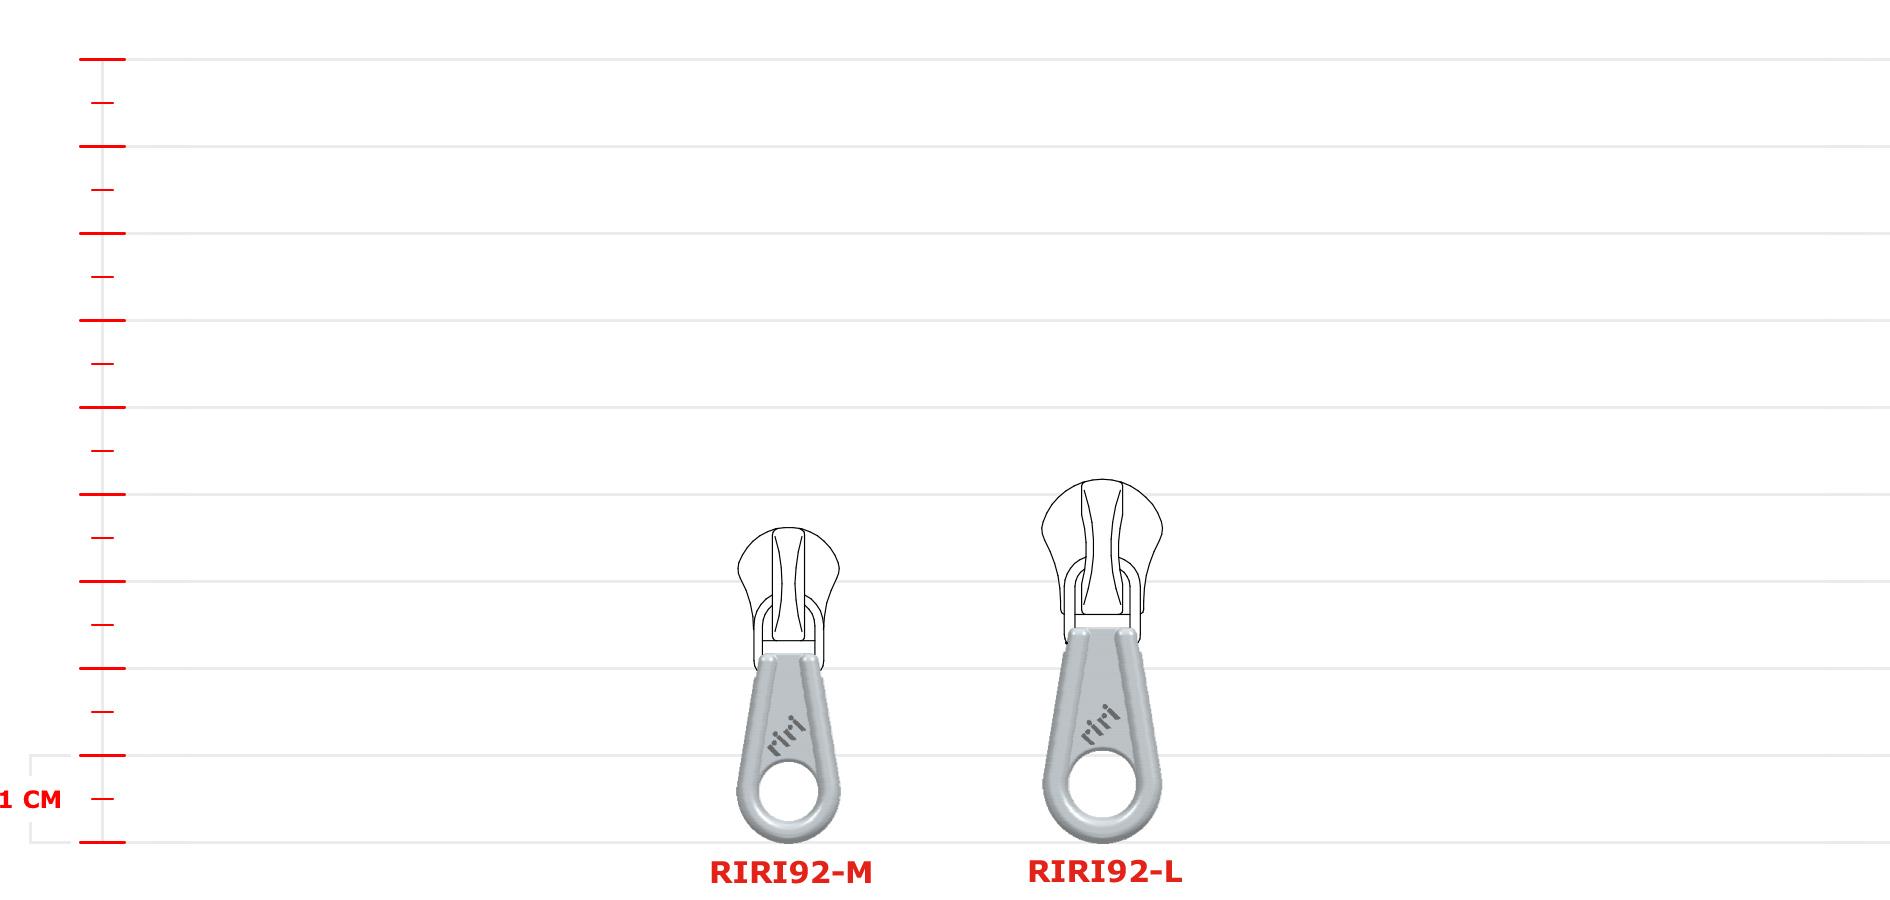 dimensioni-riri92